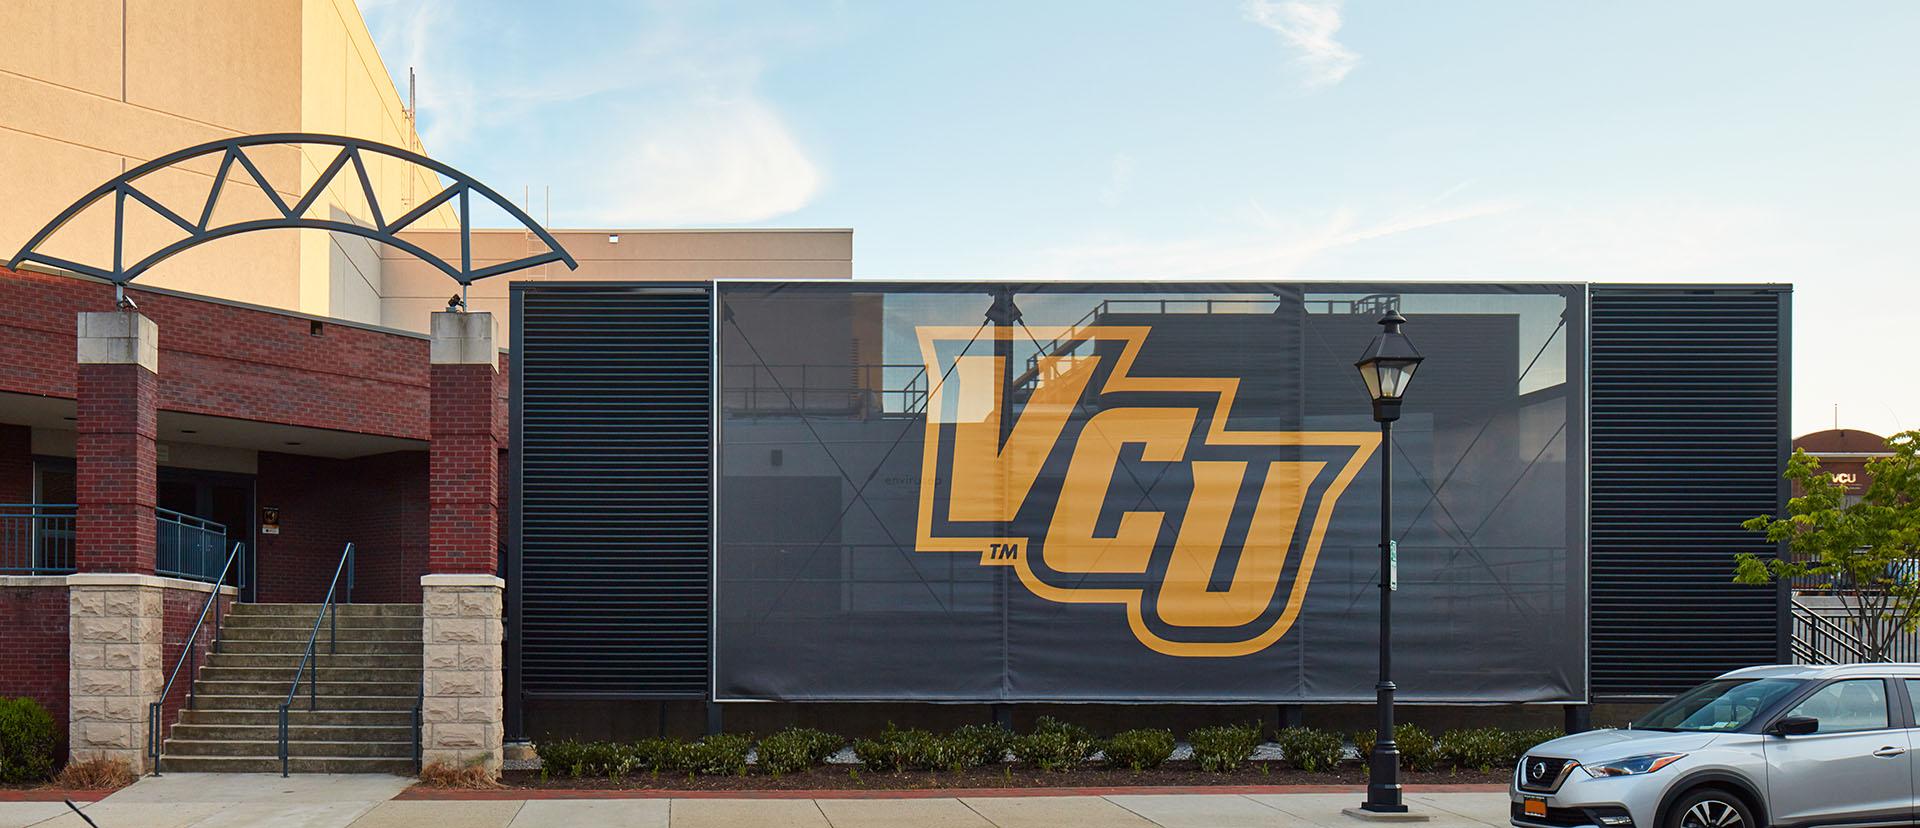 VCU-Siegel-Center-Screen-2